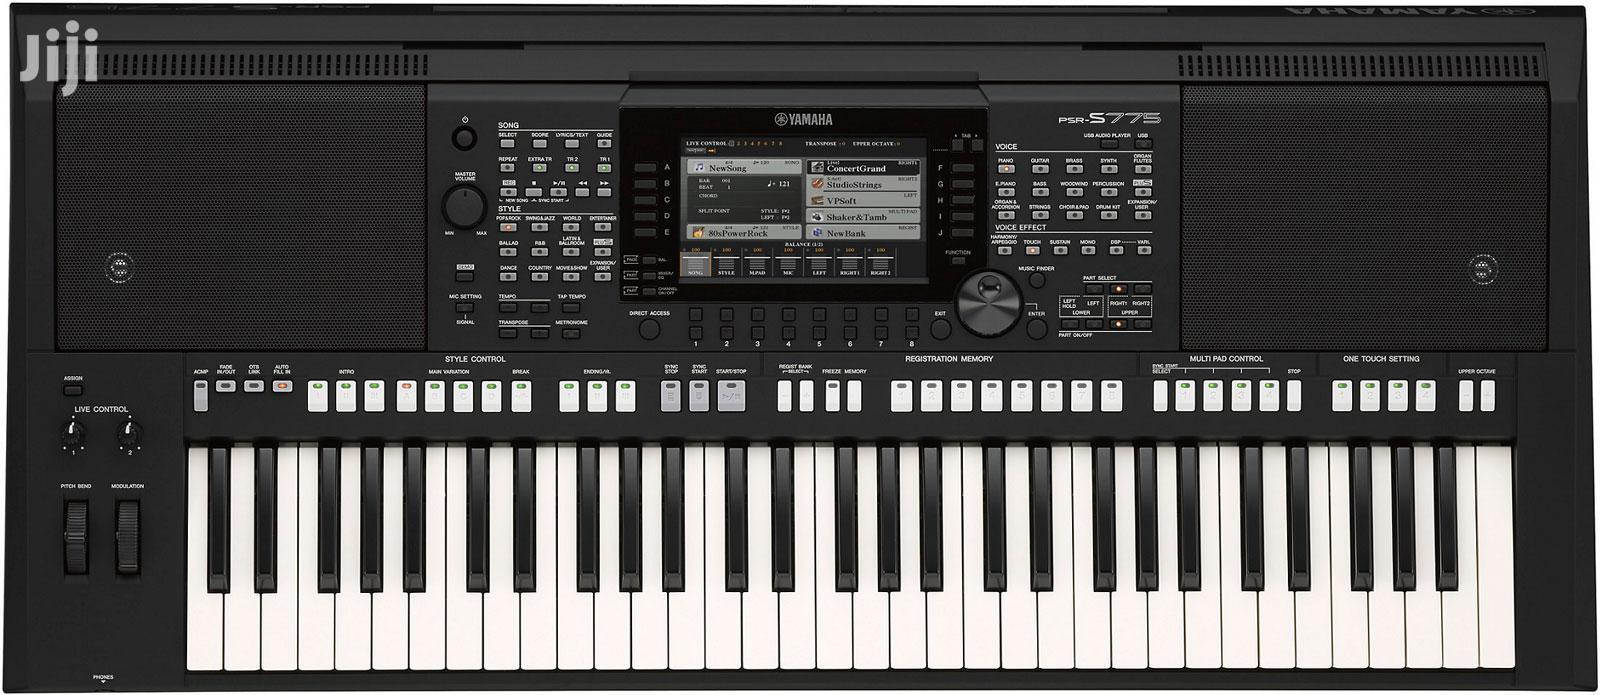 Yamaha PSR-S775 Workstation Arranger